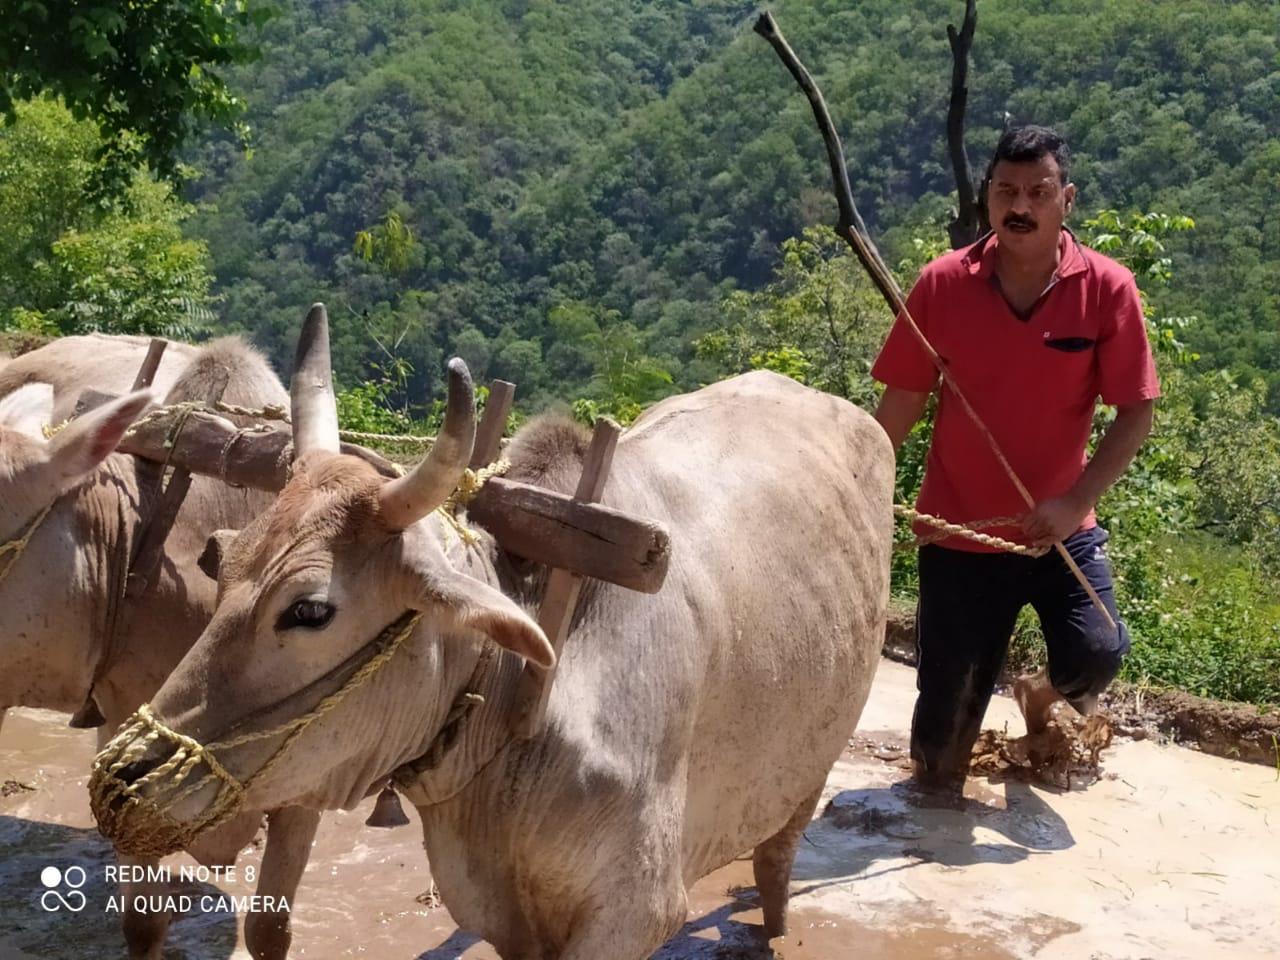 चुनाव नजदीक आते देख नौटंकी करने वाले नेताओं को खेती कार्य को करवाएंगे मजबूरः दिनेश धनै